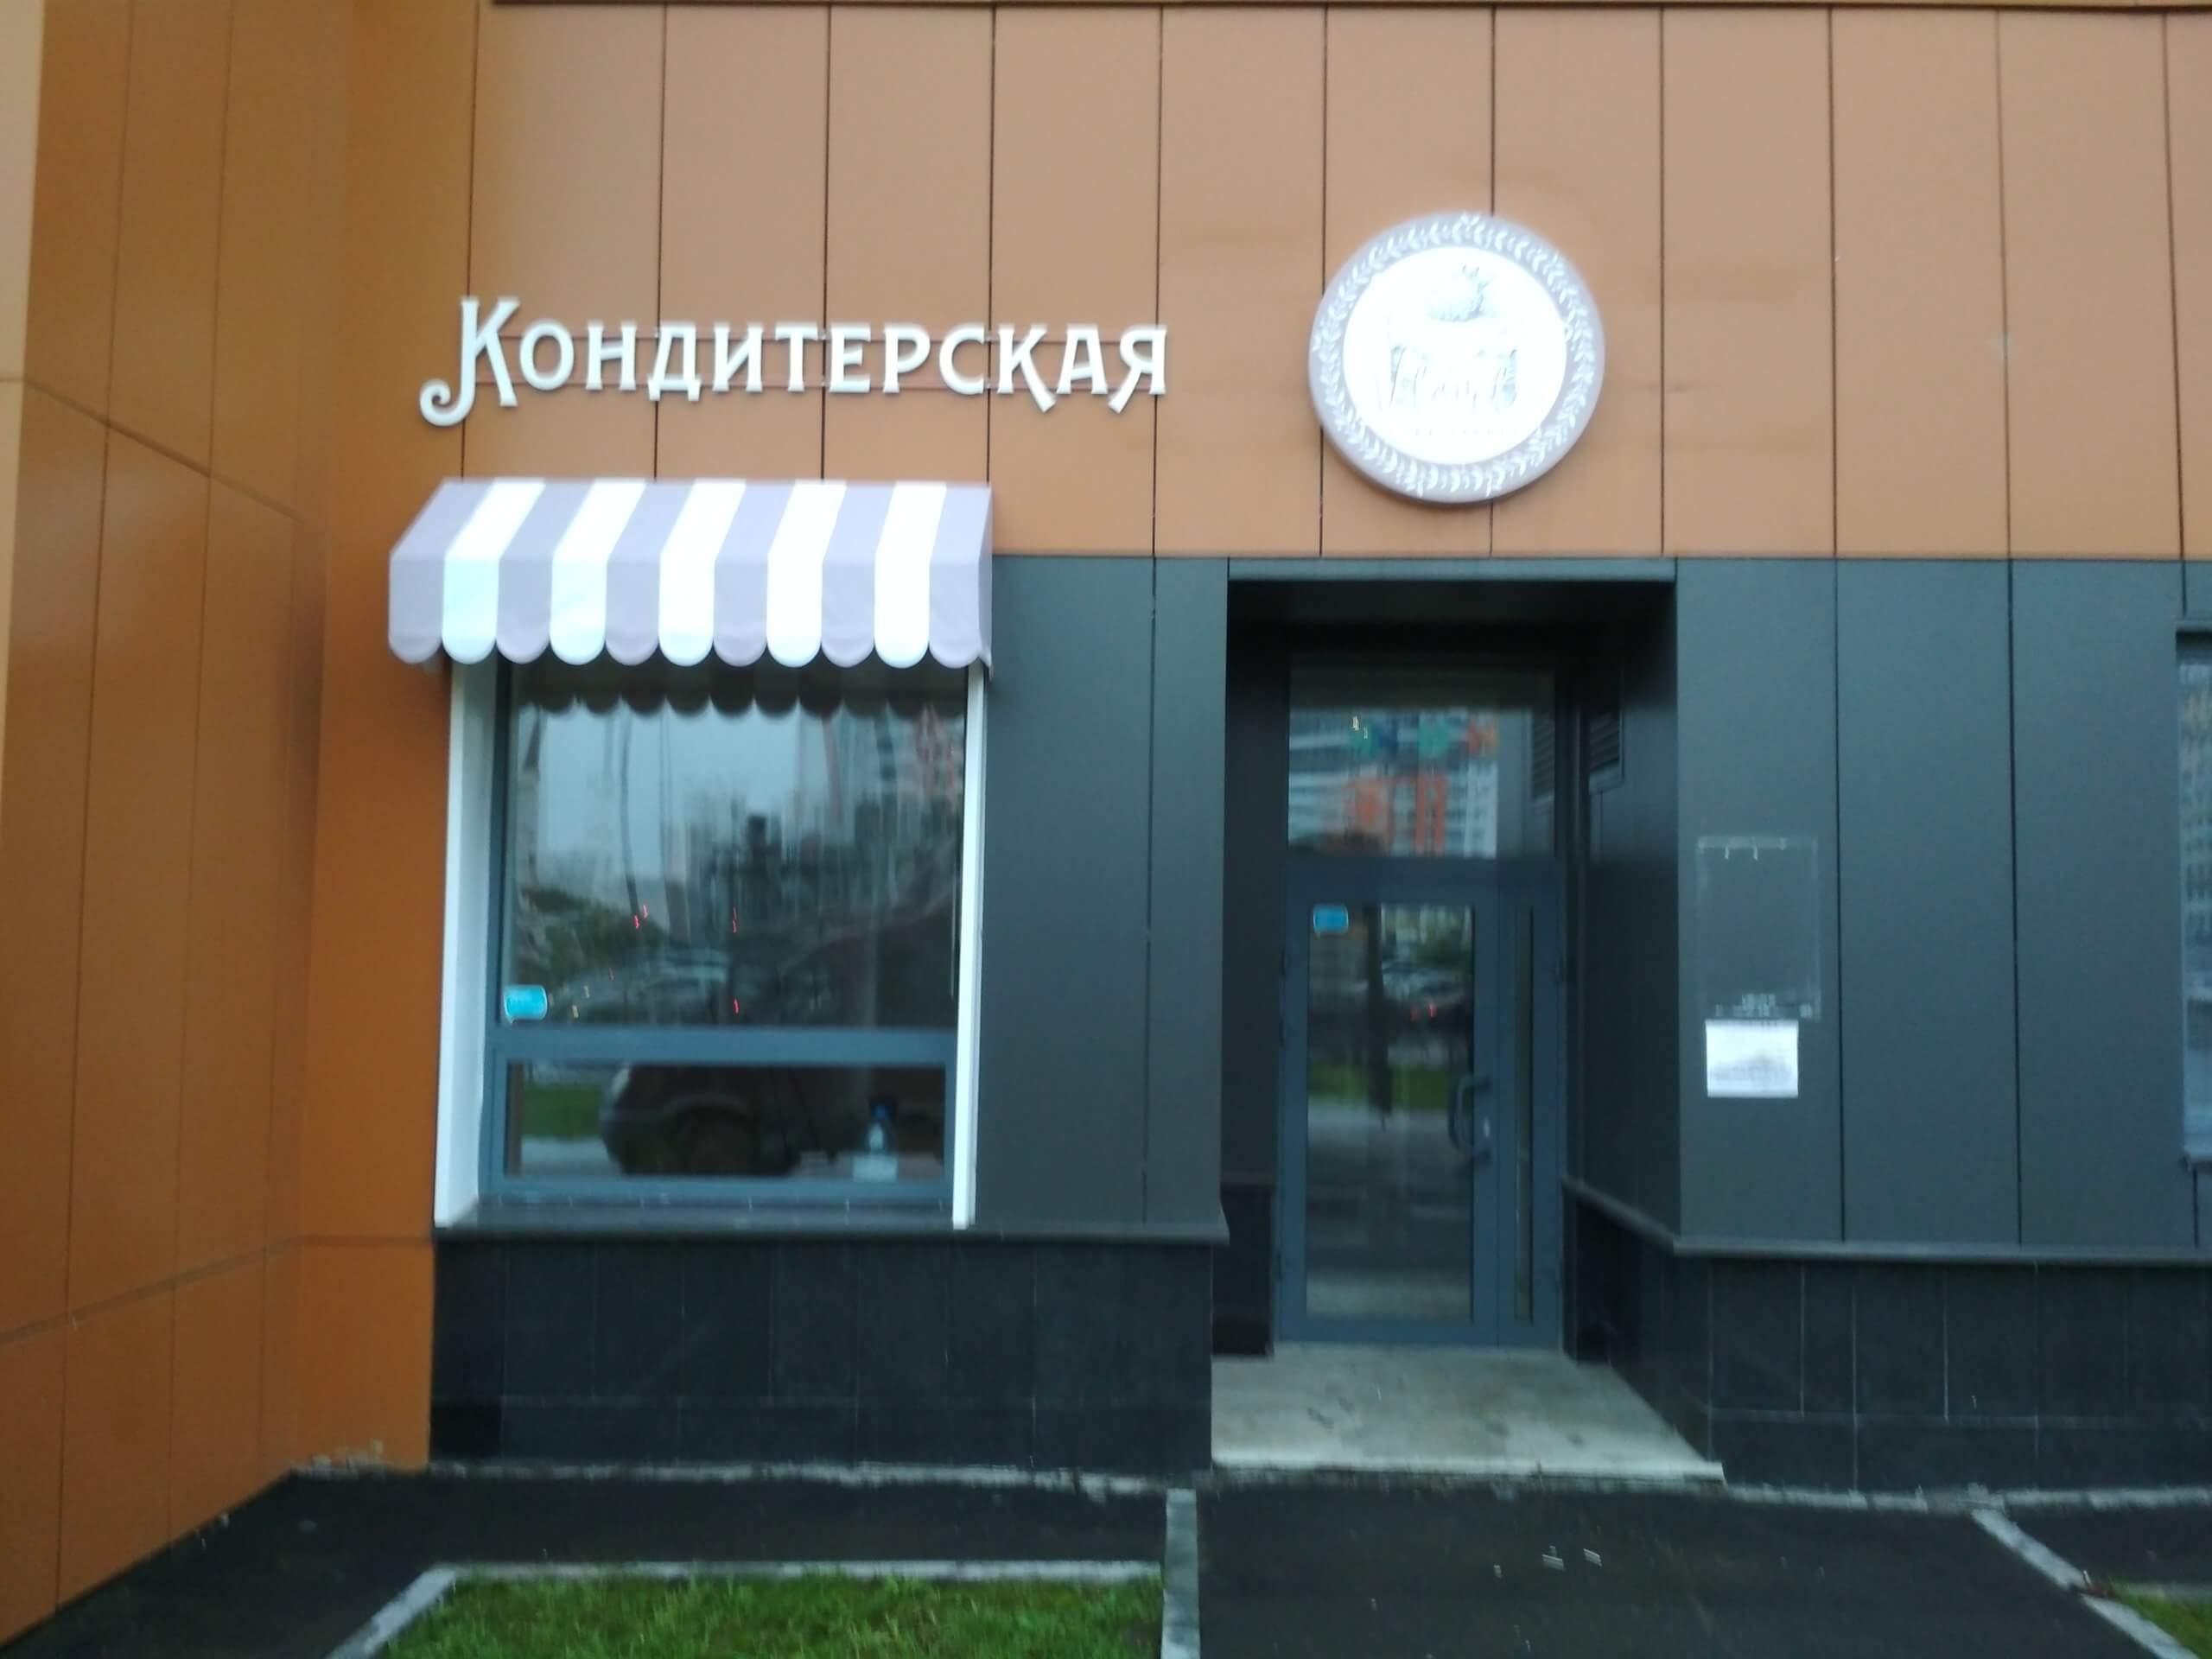 Вывеска кондитерская (А. Сахорова47